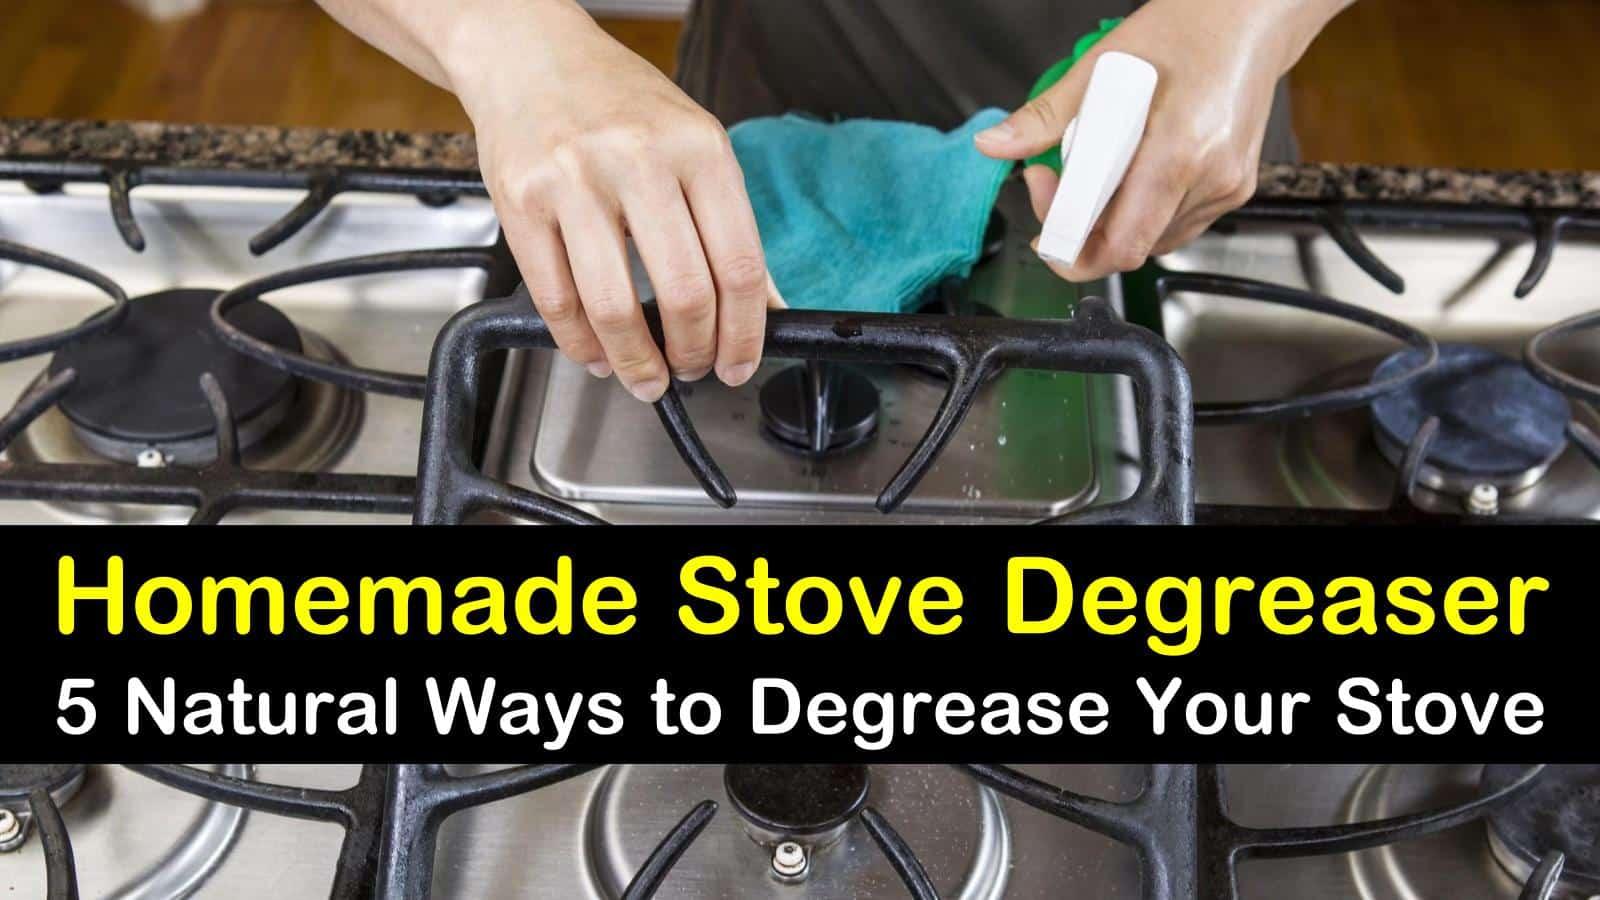 homemade stove degreaser titleimg1